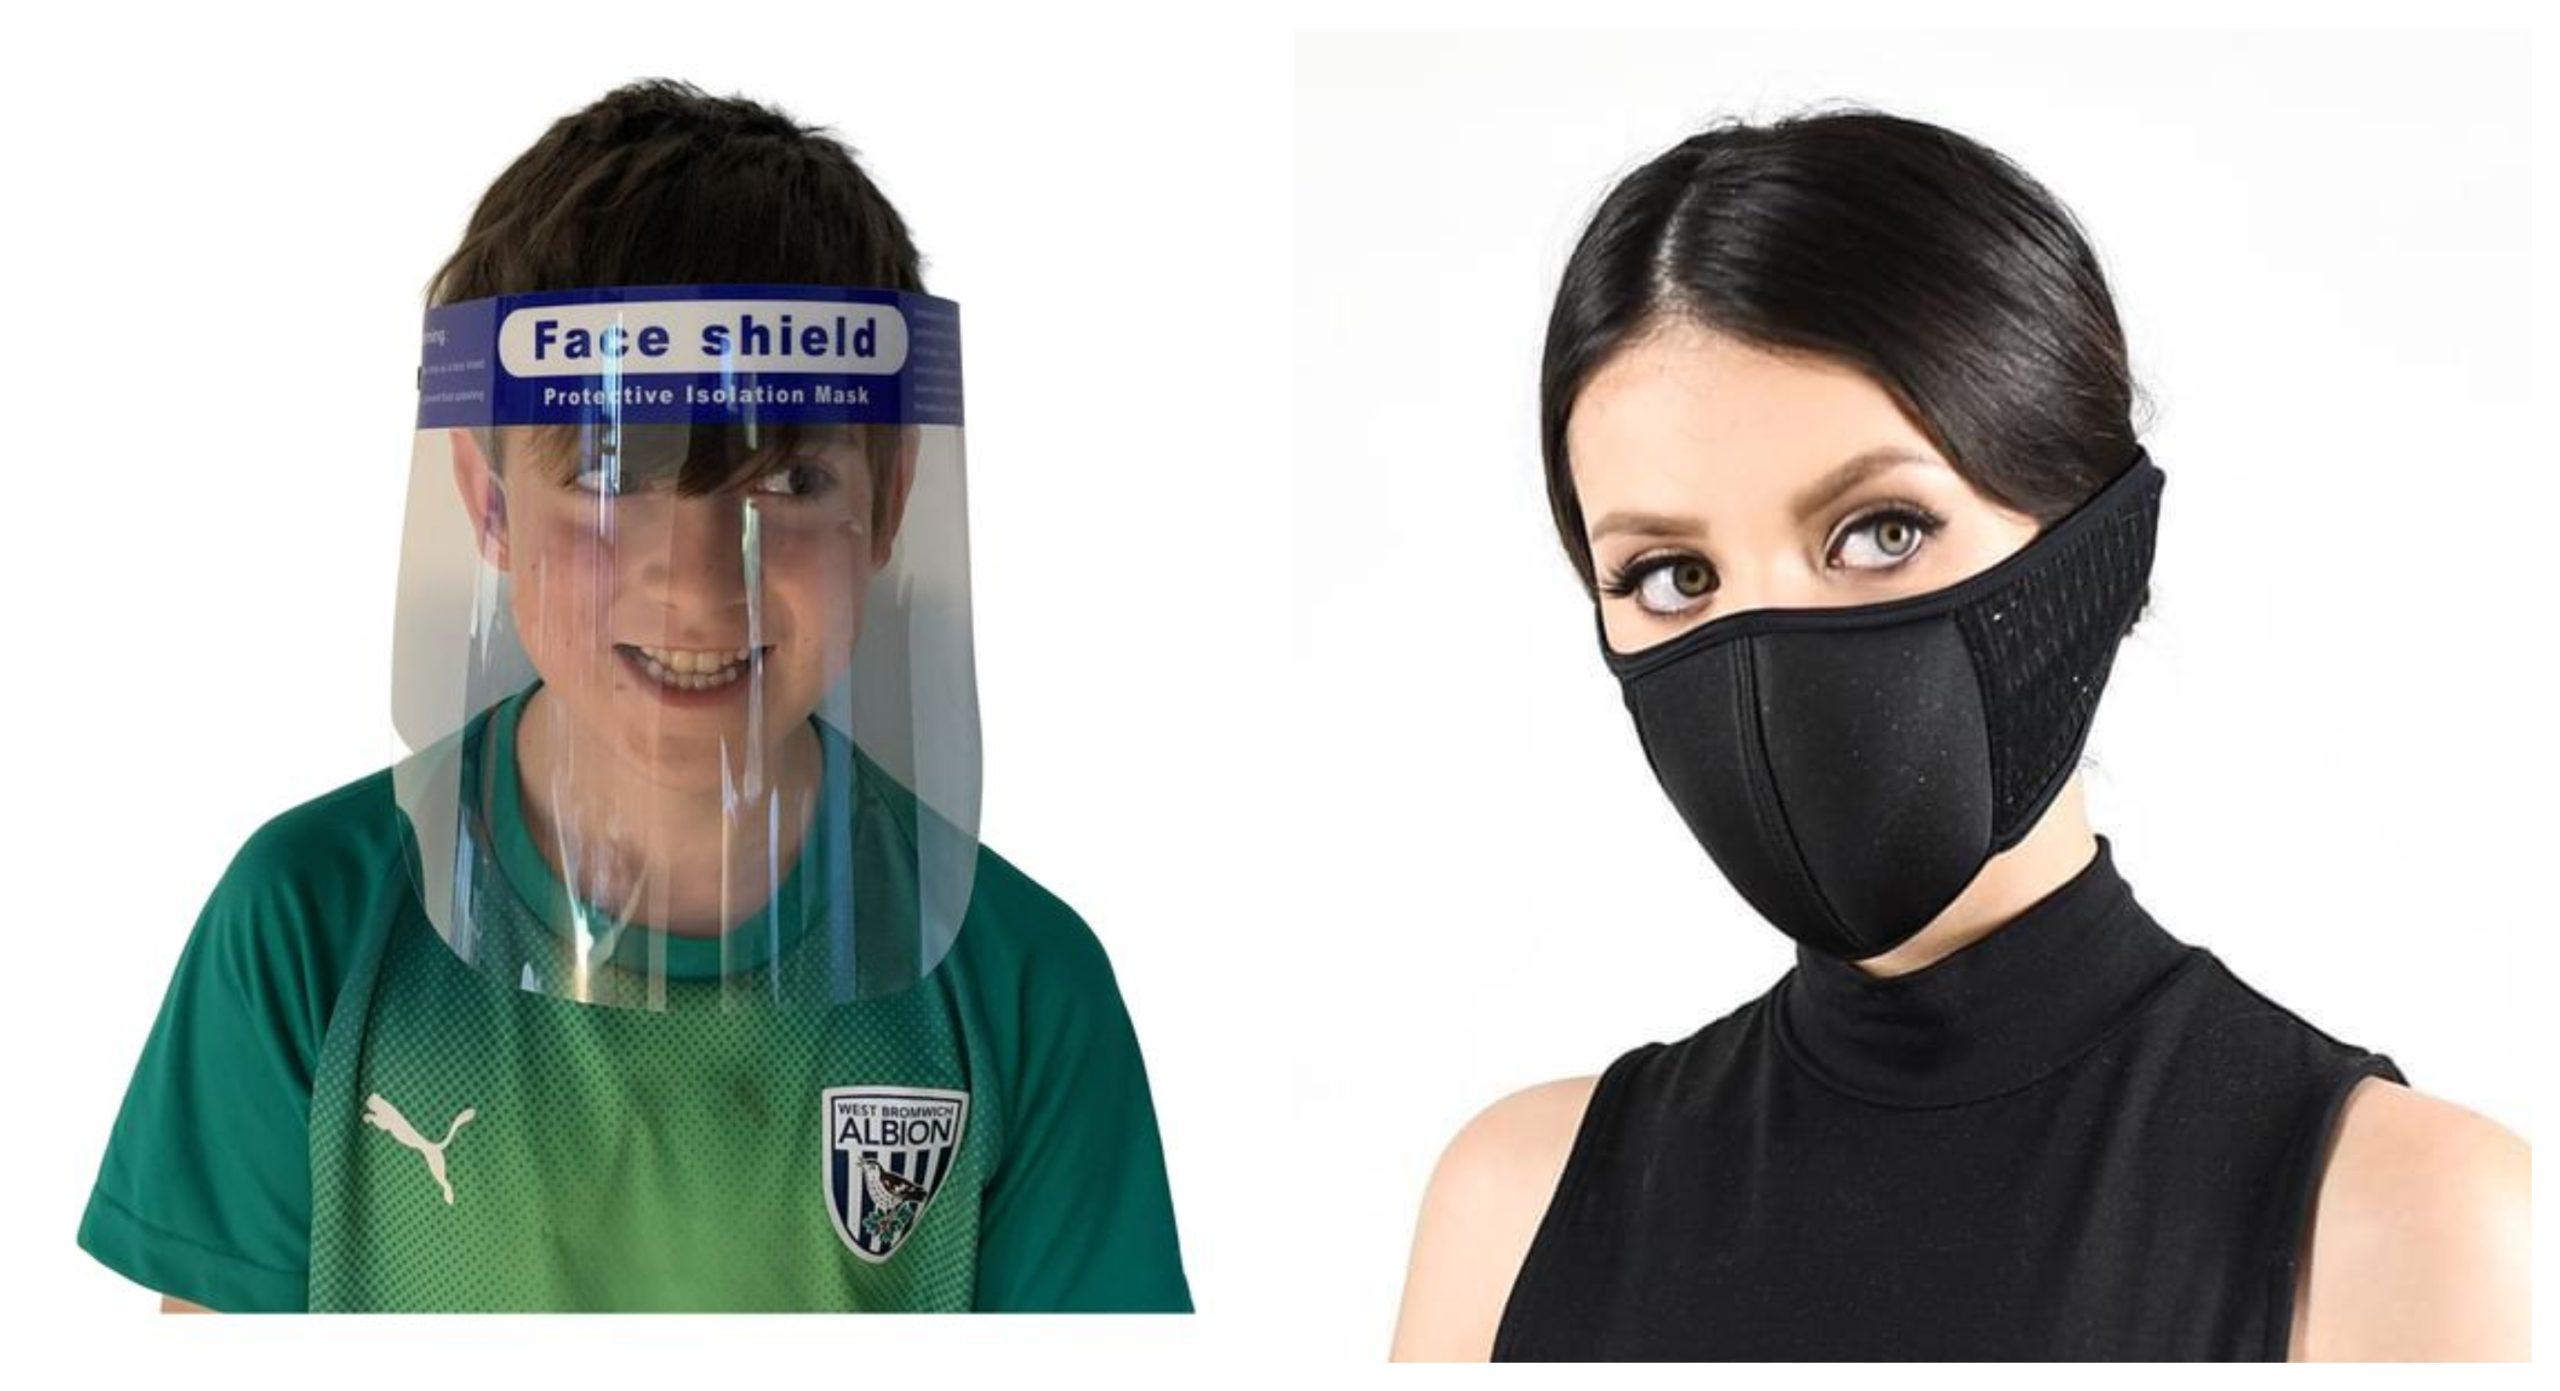 Las caretas faciales se ven más cómodas que los cubrebocas al no estar en contacto directo con la nariz y la boca ¿qué dice la ciencia? ¿Cuál es mejor?